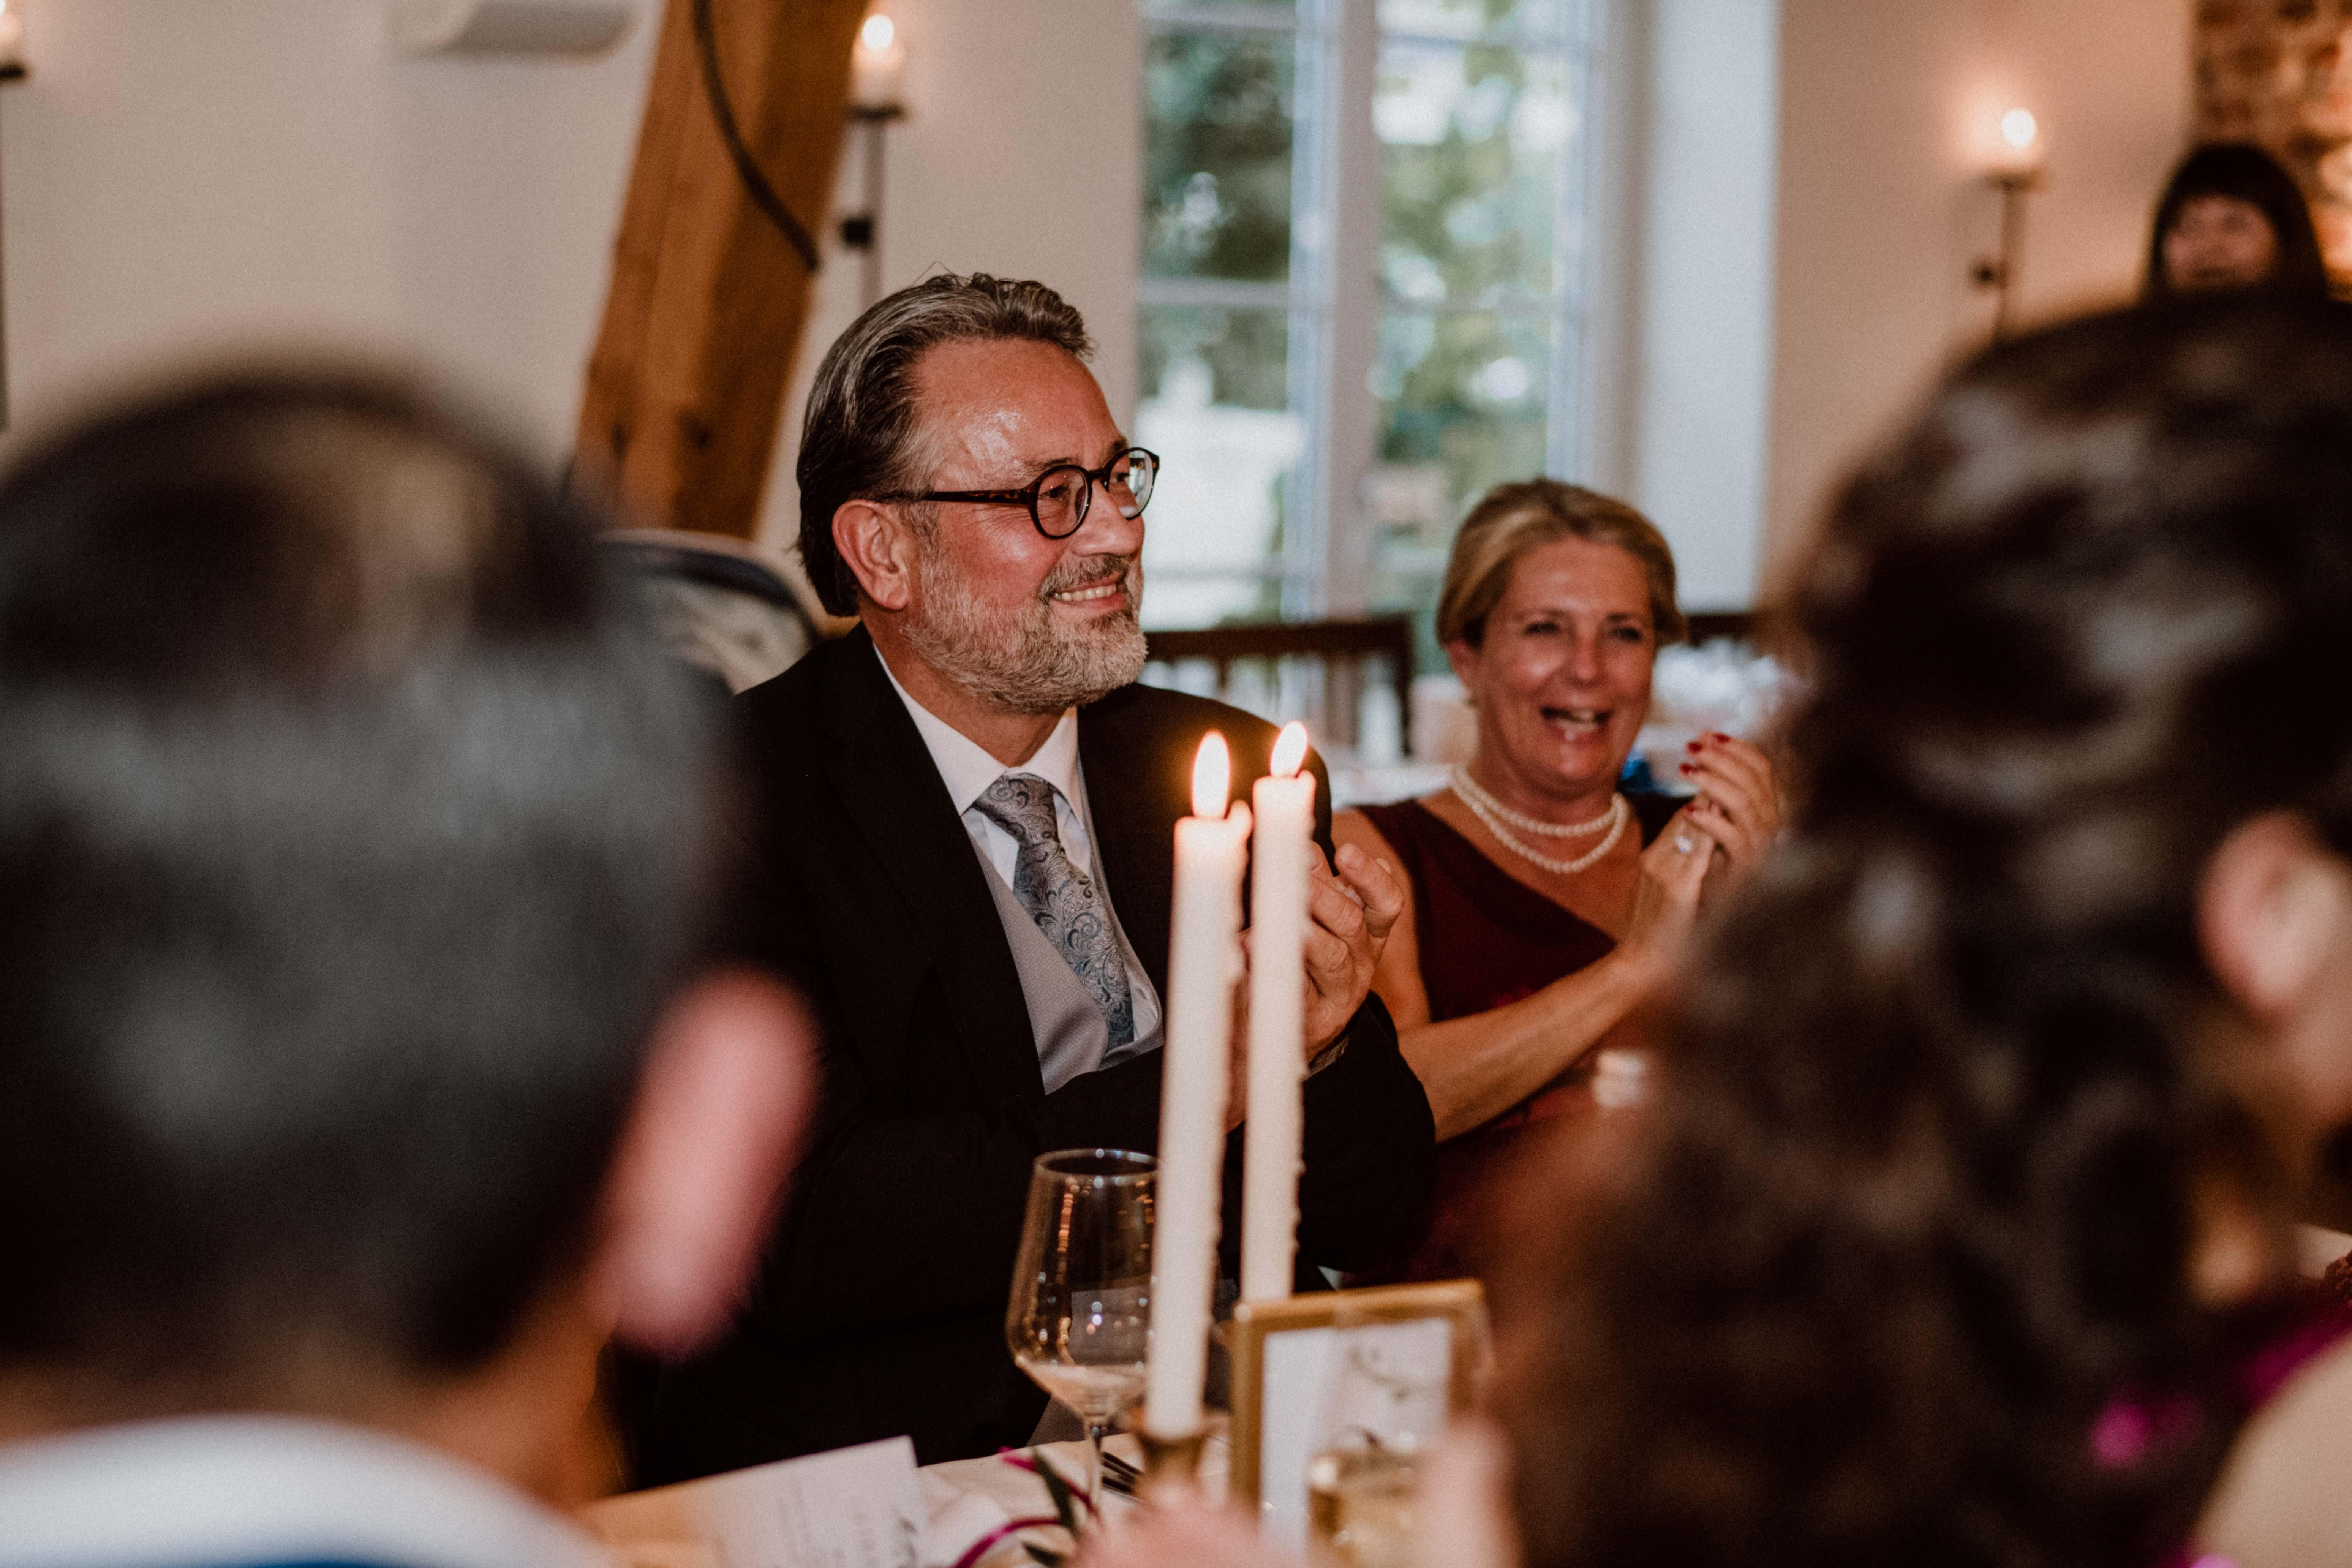 stiefvater sonja poehlmann photography wedding muenchen bayern